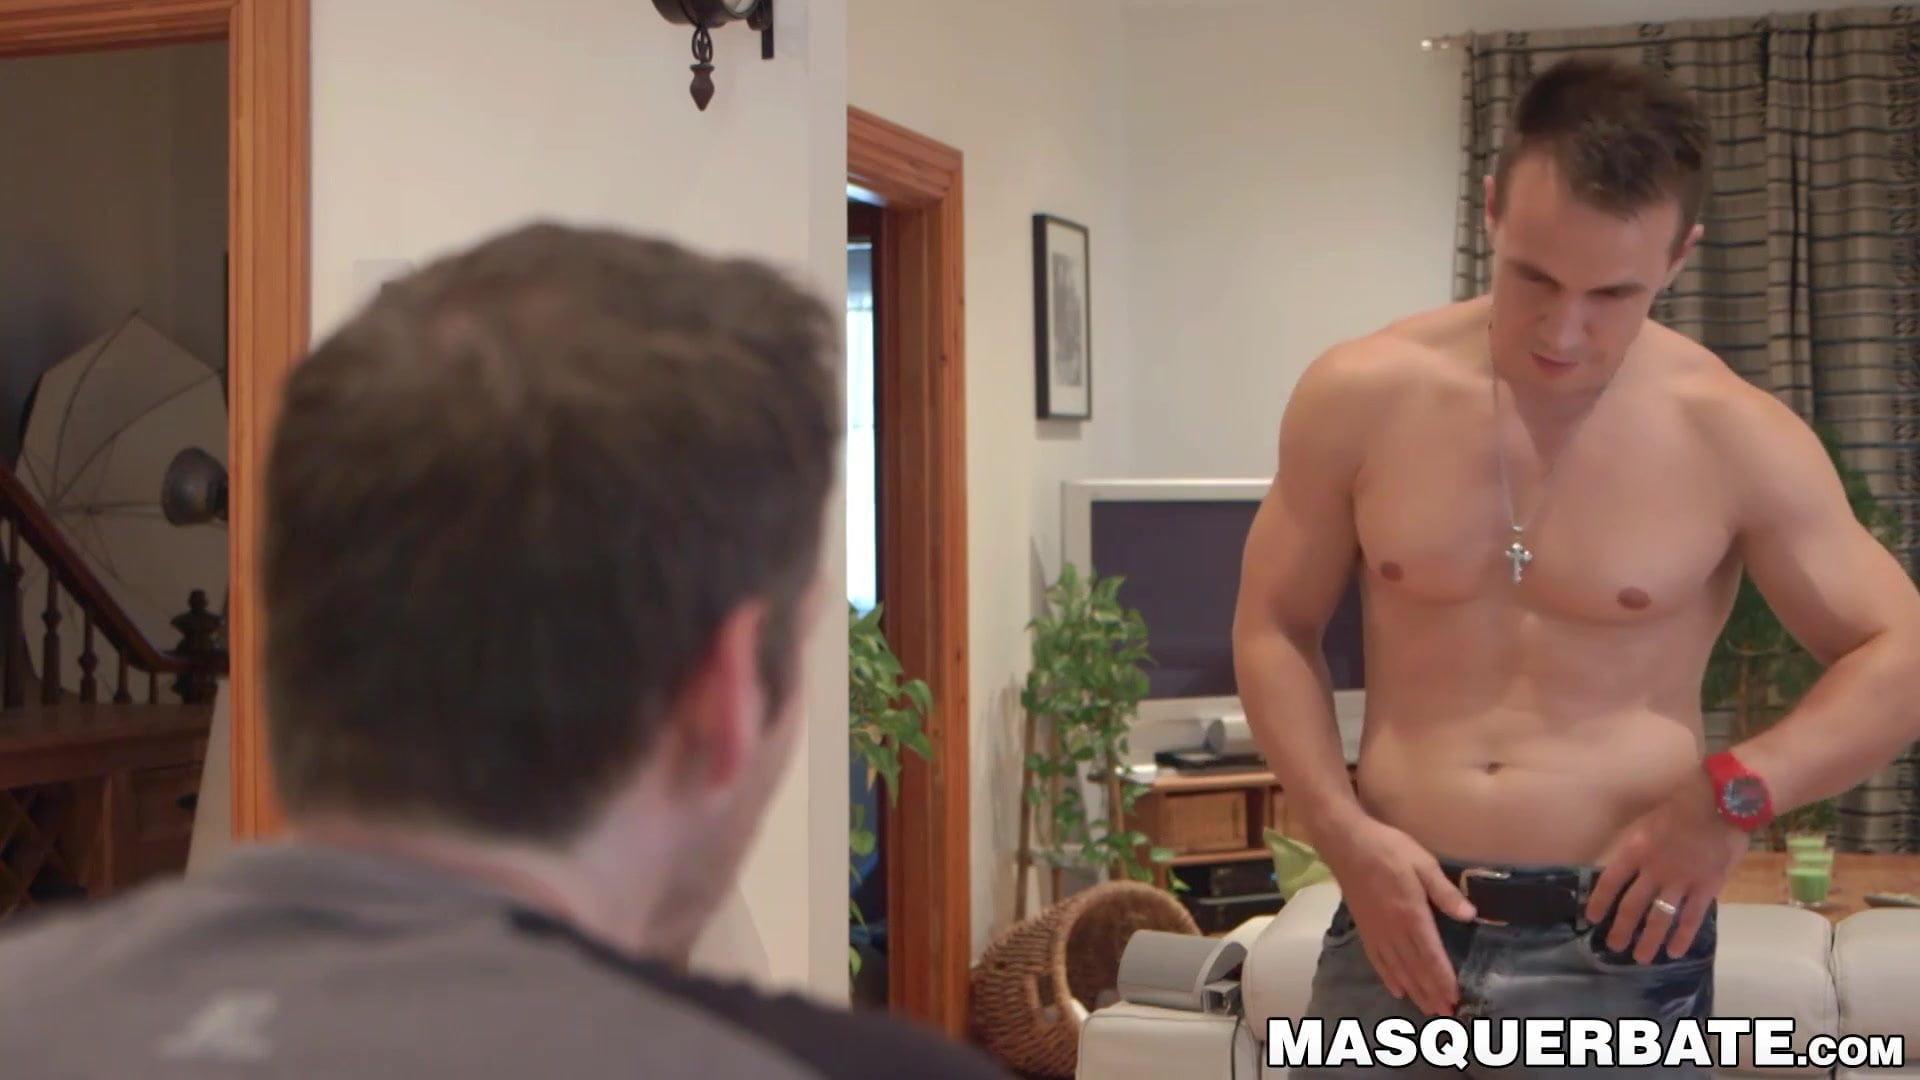 Solo Male Masturbation Shower